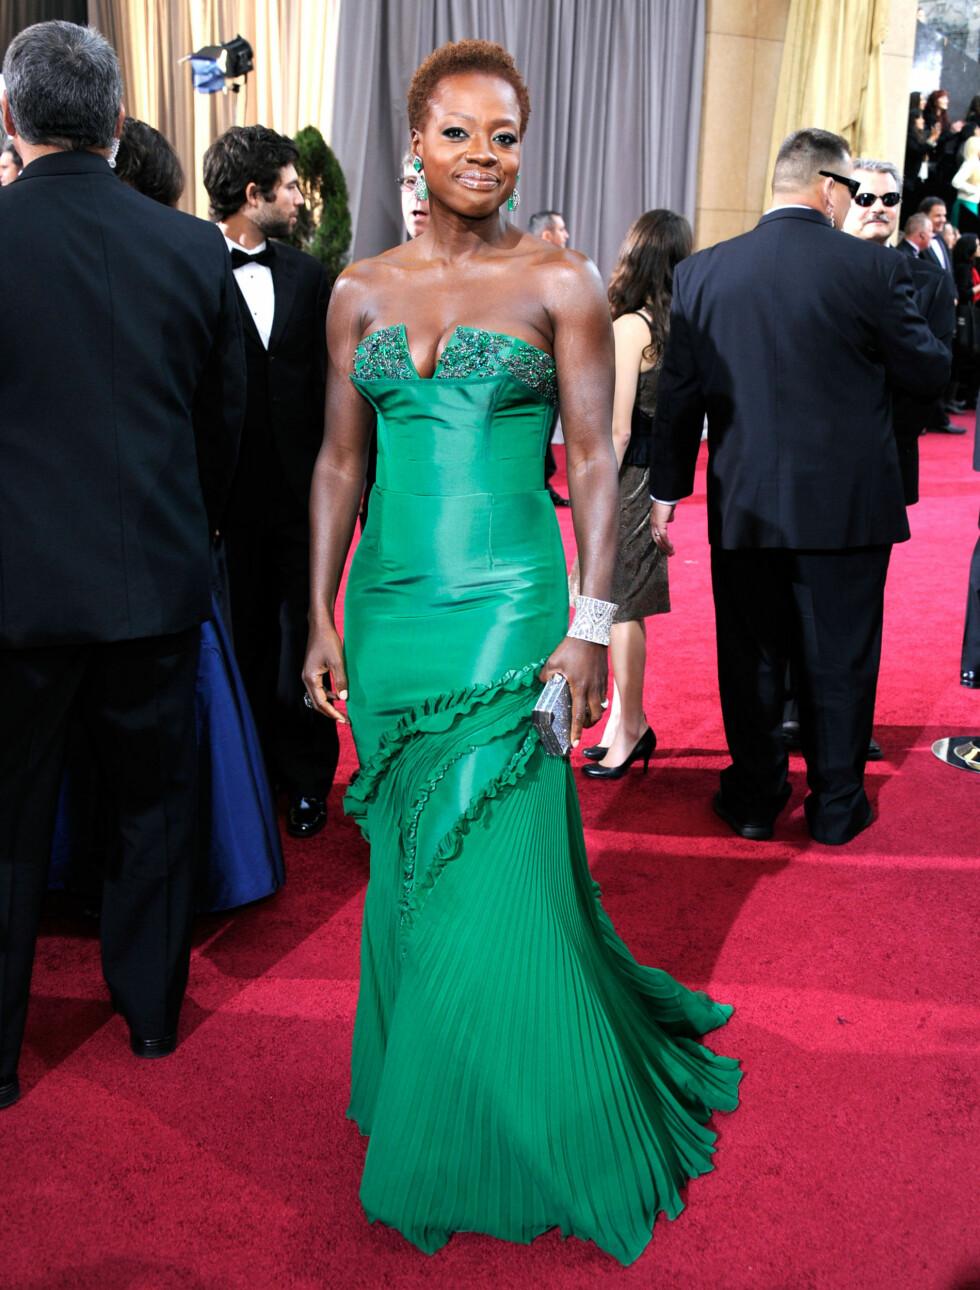 """DROPPET PARYKK: """"The Help""""-stjernen Viola Davis droppet parykken og strålte i en smaragdgrønn kjole fra Vera Wang.  Foto: All Over Press"""